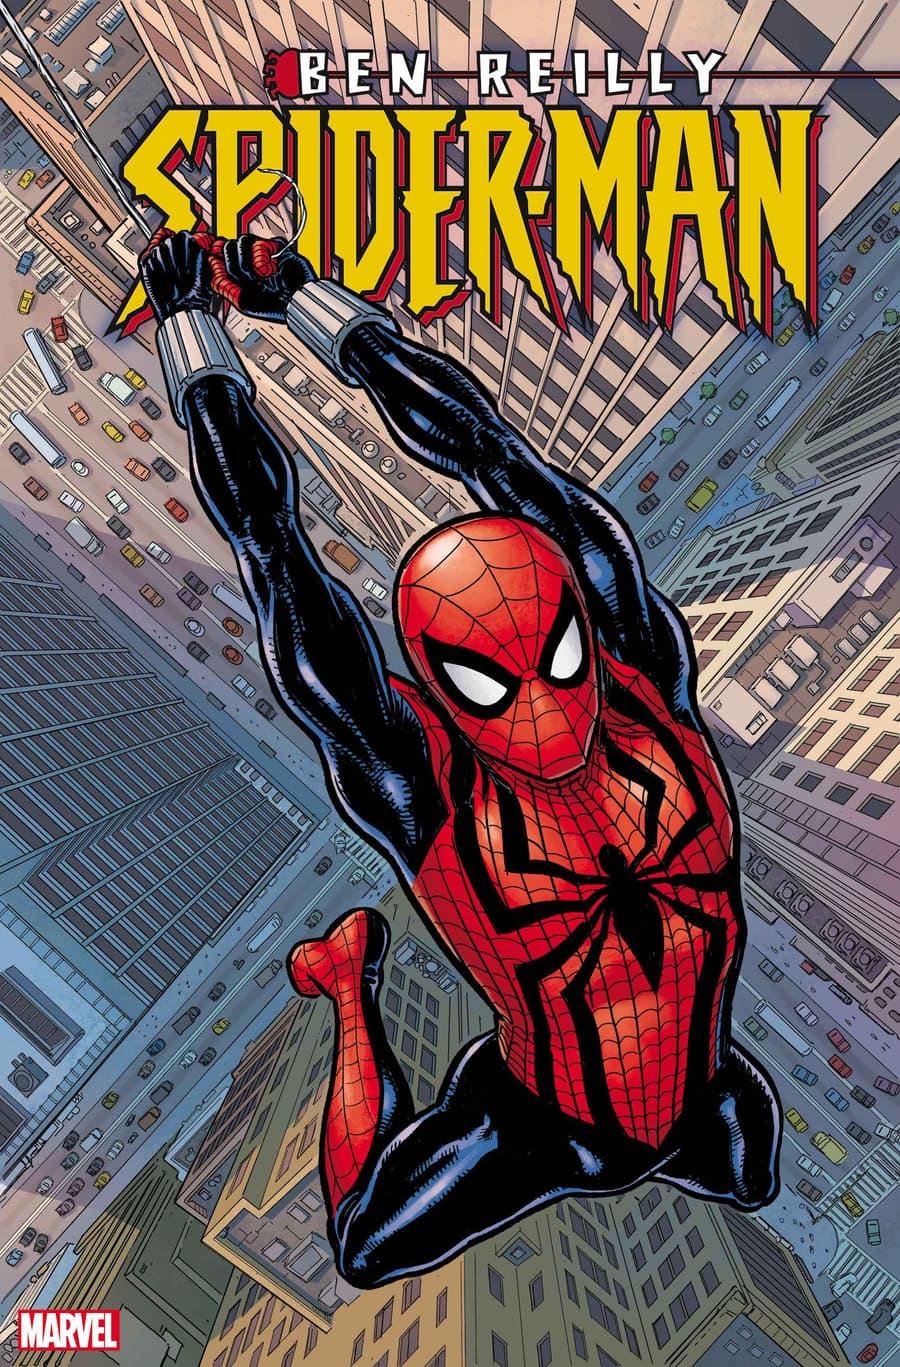 BEN REILLY: SPIDER-MAN #1 cover by Steve Skroce & David Stewart